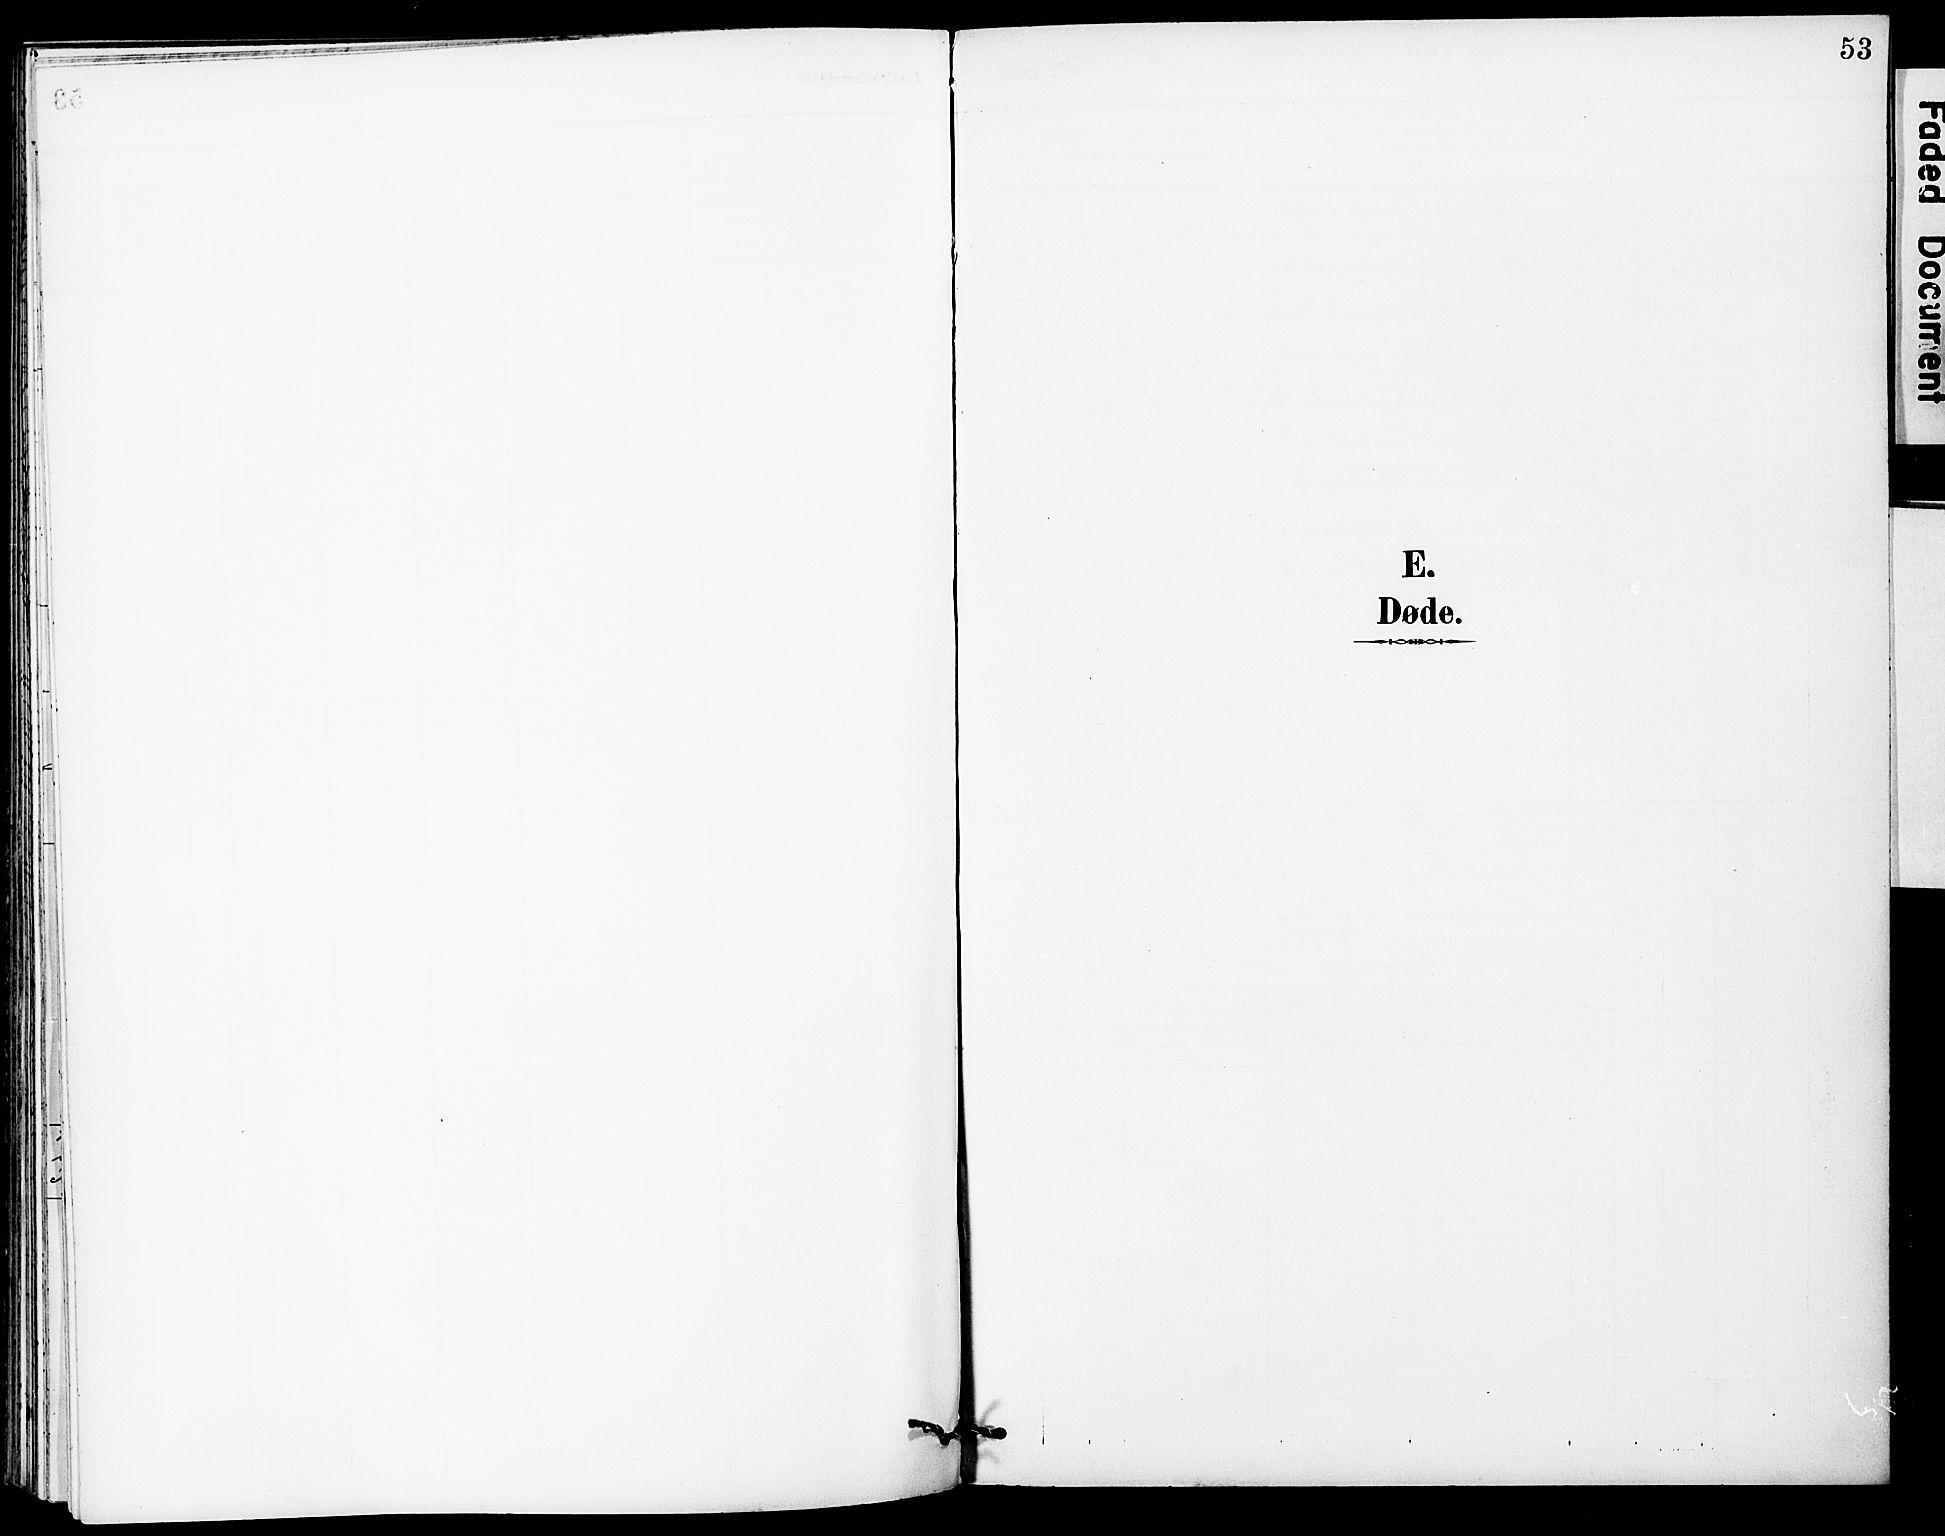 SAT, Ministerialprotokoller, klokkerbøker og fødselsregistre - Sør-Trøndelag, 683/L0948: Ministerialbok nr. 683A01, 1891-1902, s. 53